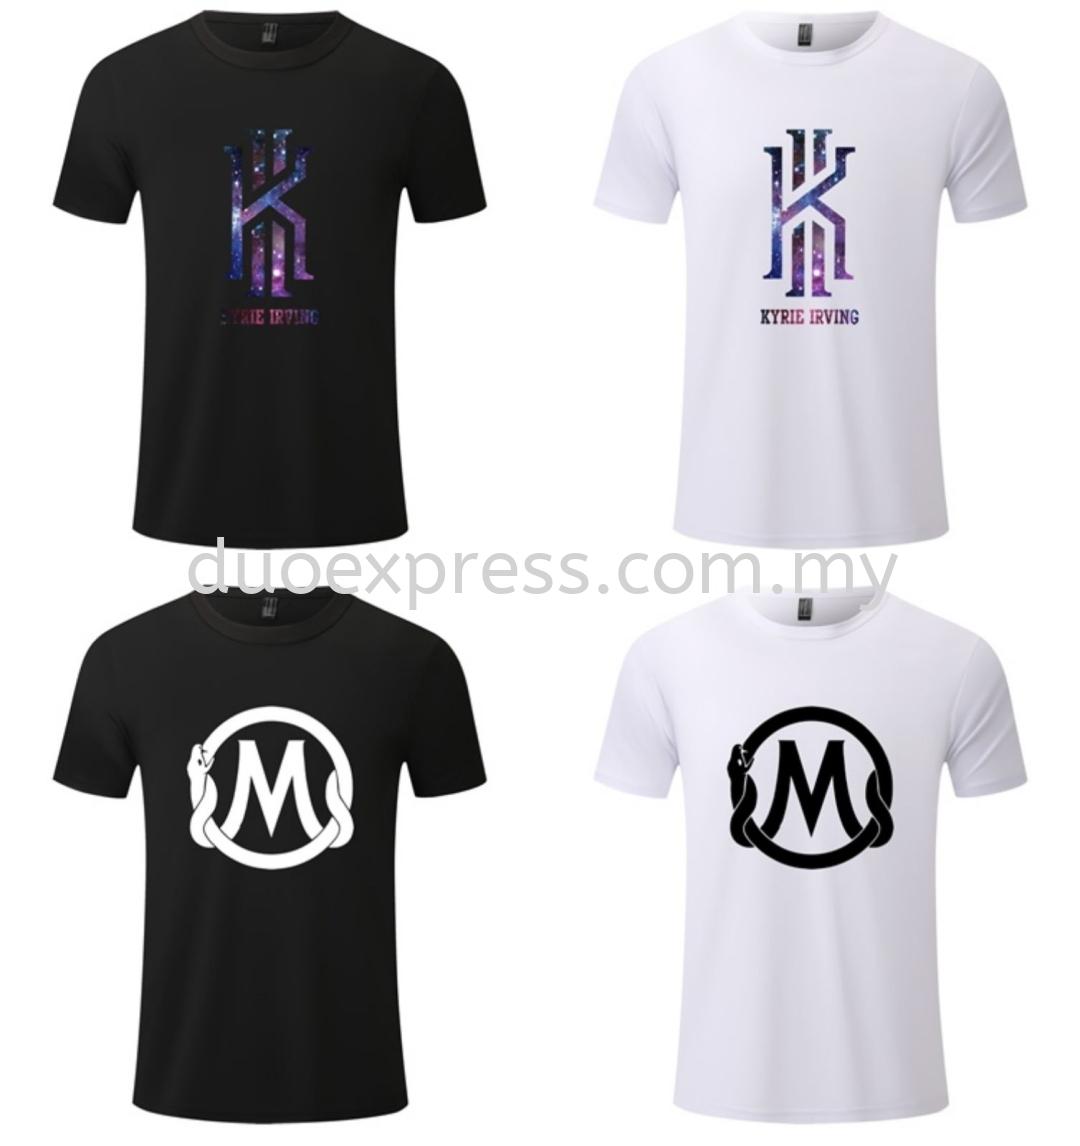 T Shirt Printing No MOQ